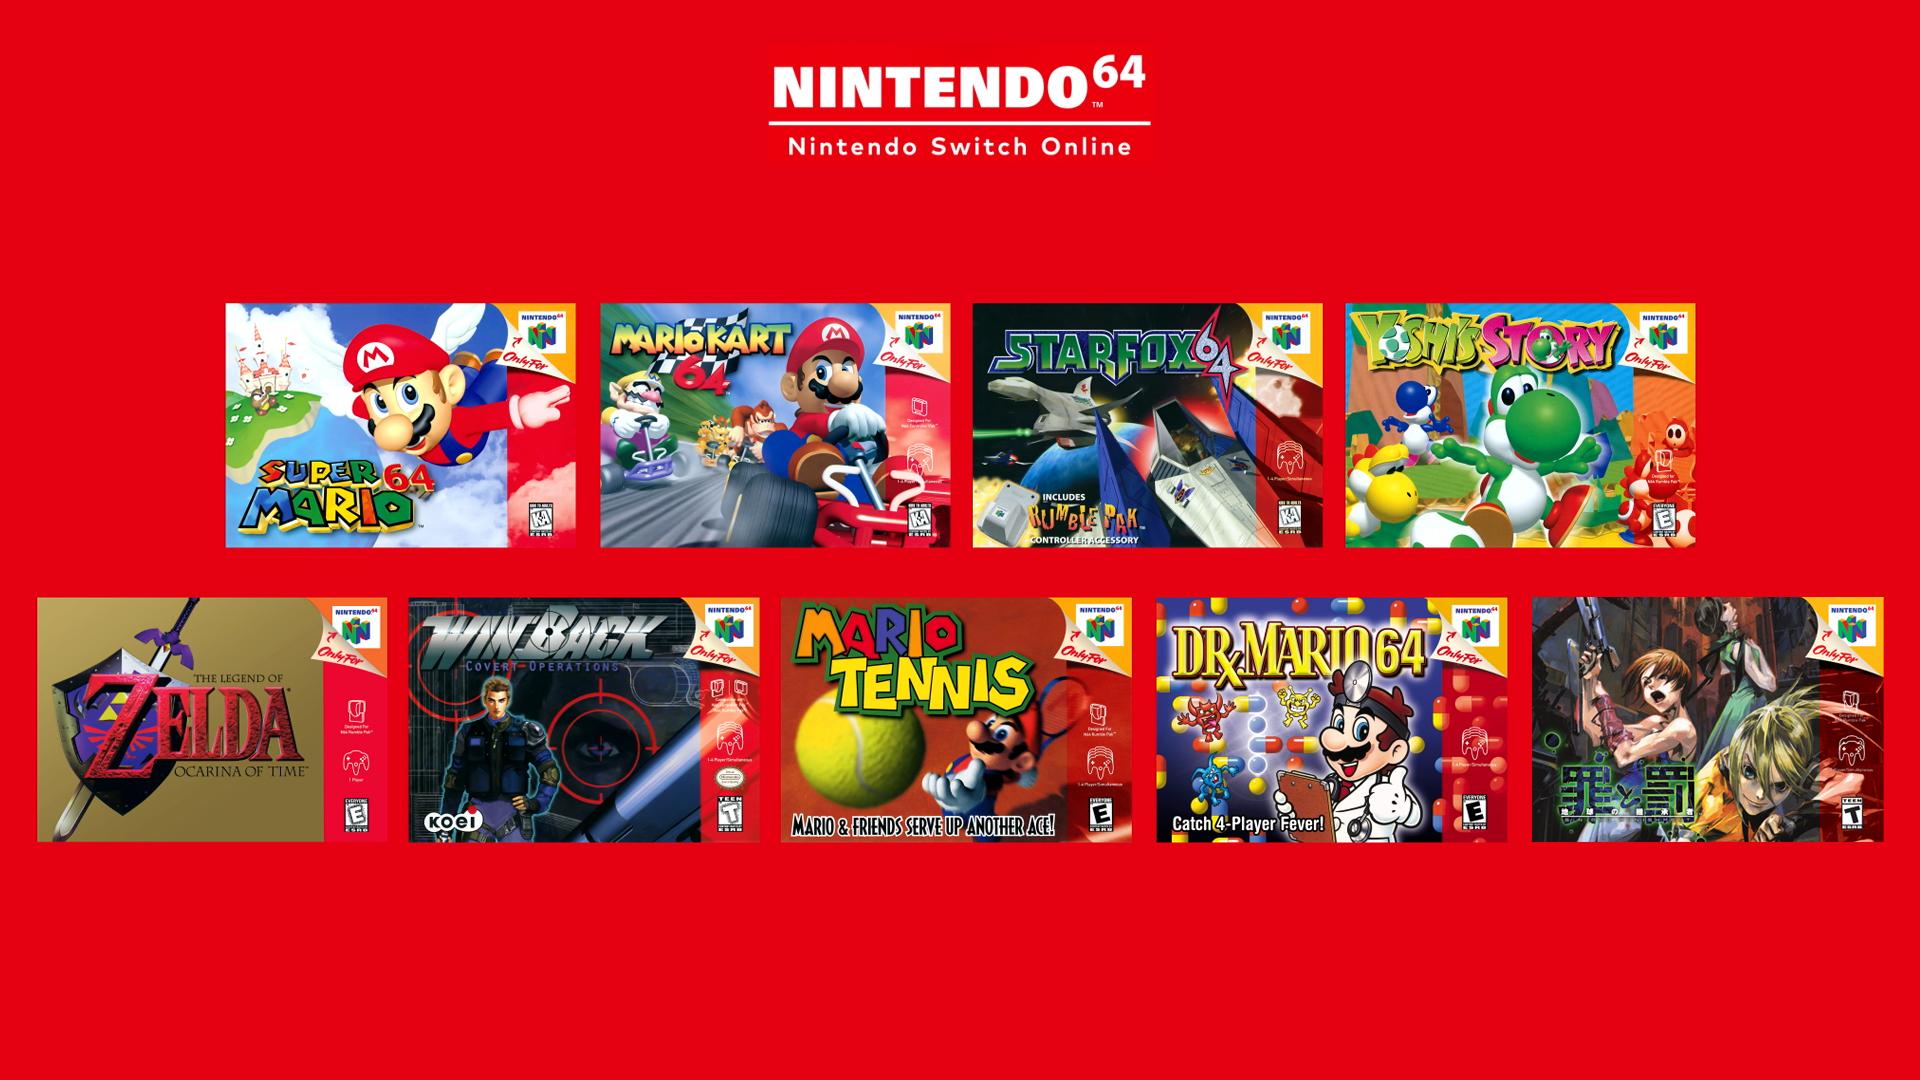 Předplatné Nintendo Switch Online dostane rozšířenou verzi Nintendo 64